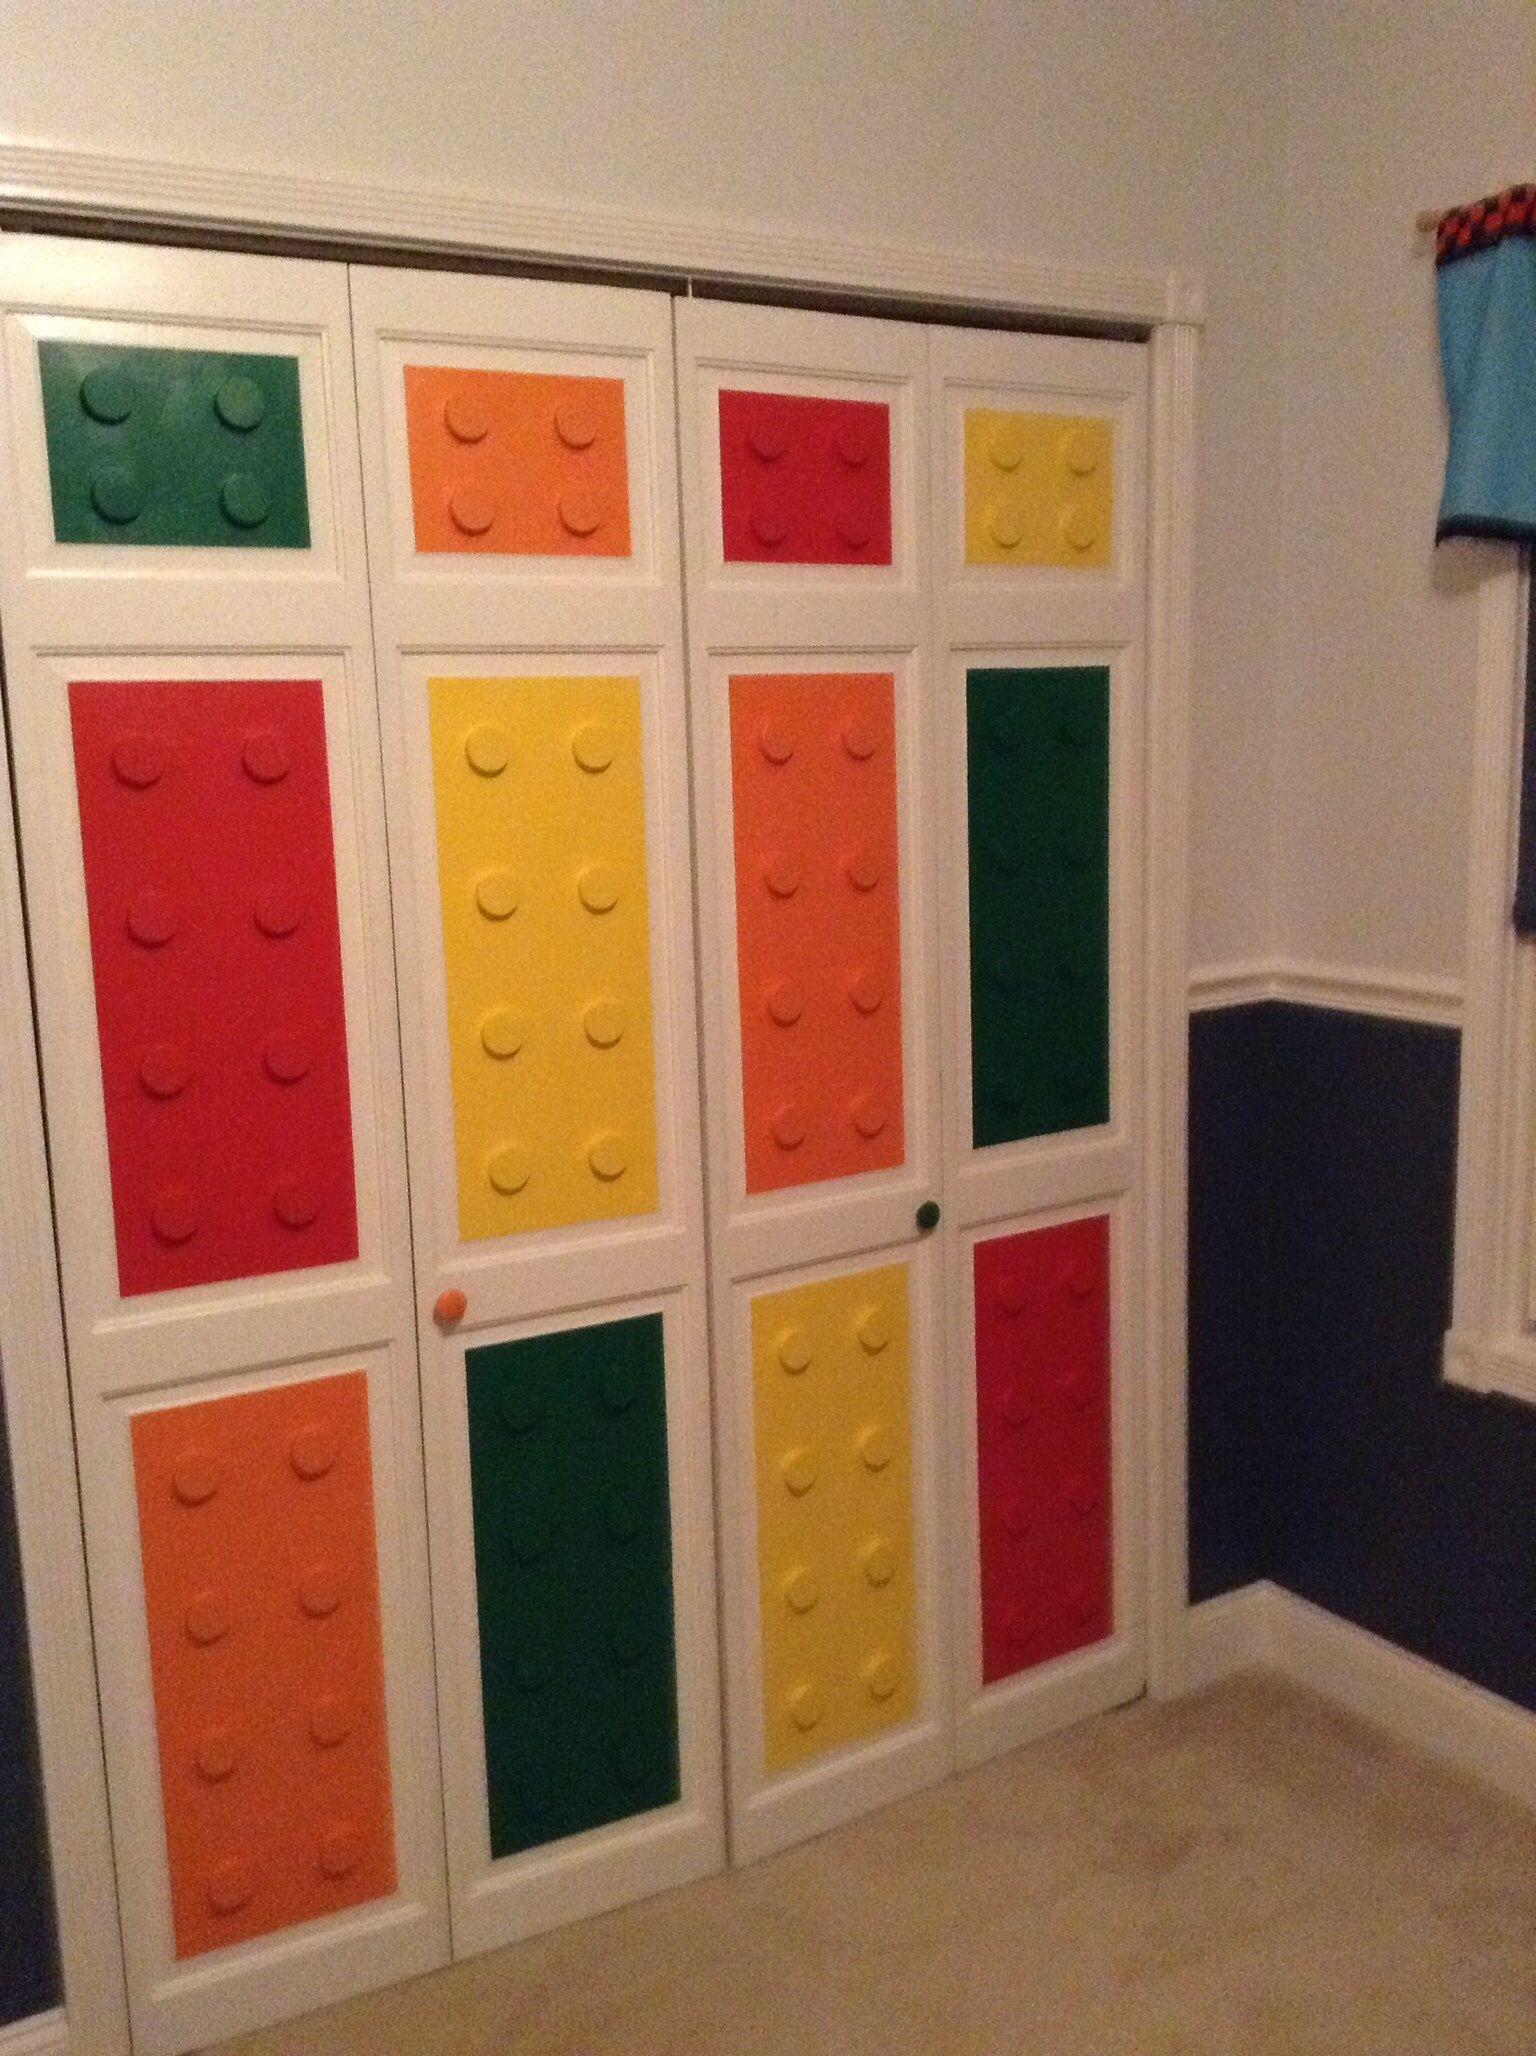 Lego Closet Door Kids Rooms In 2019 Lego Room Decor